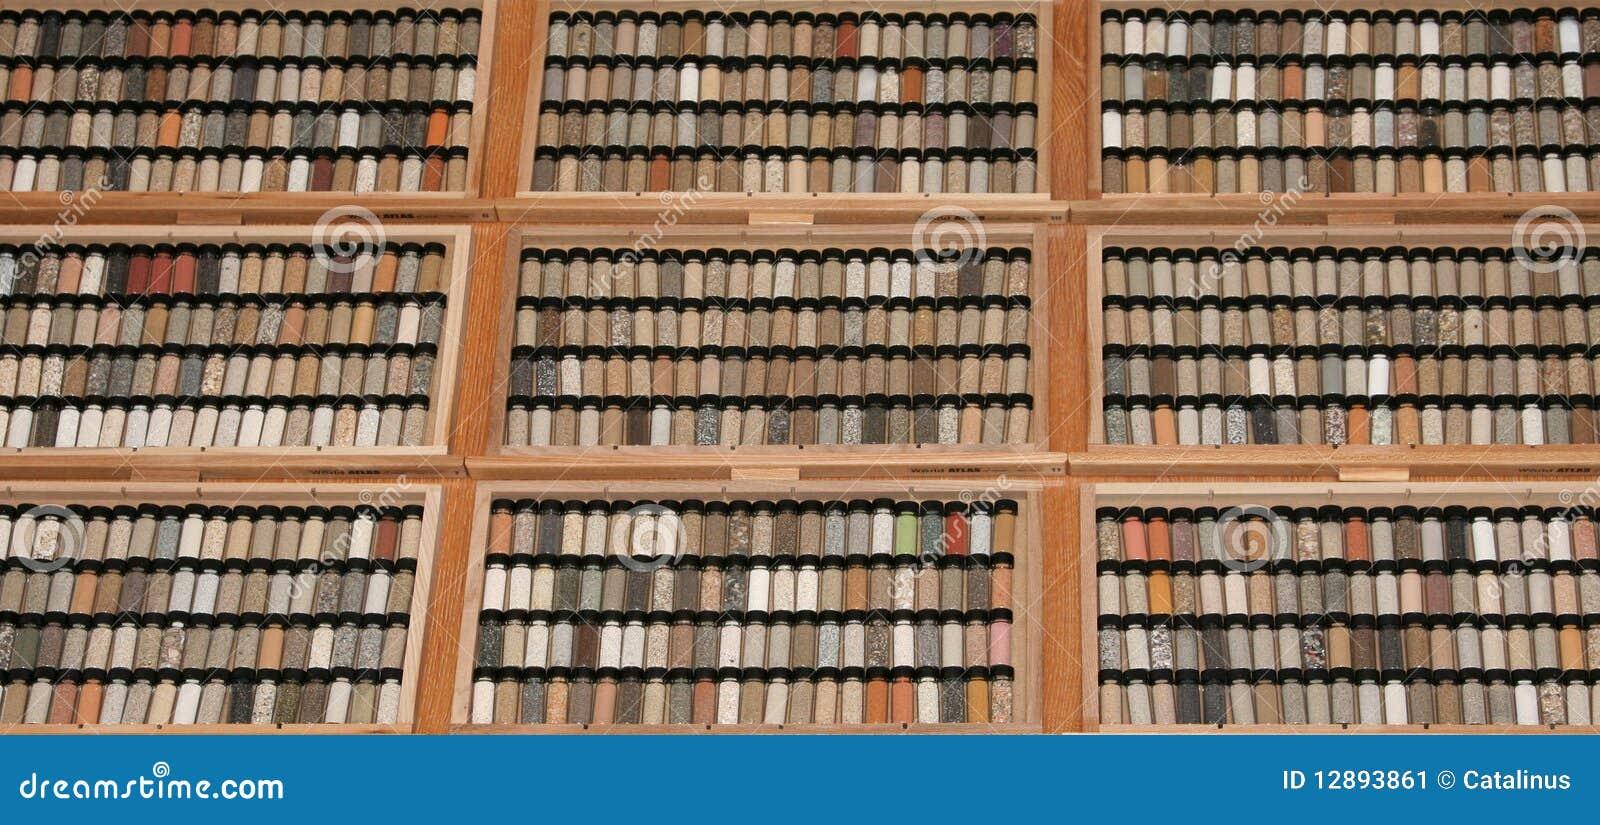 Aardwetenschappen - gronddiversiteit